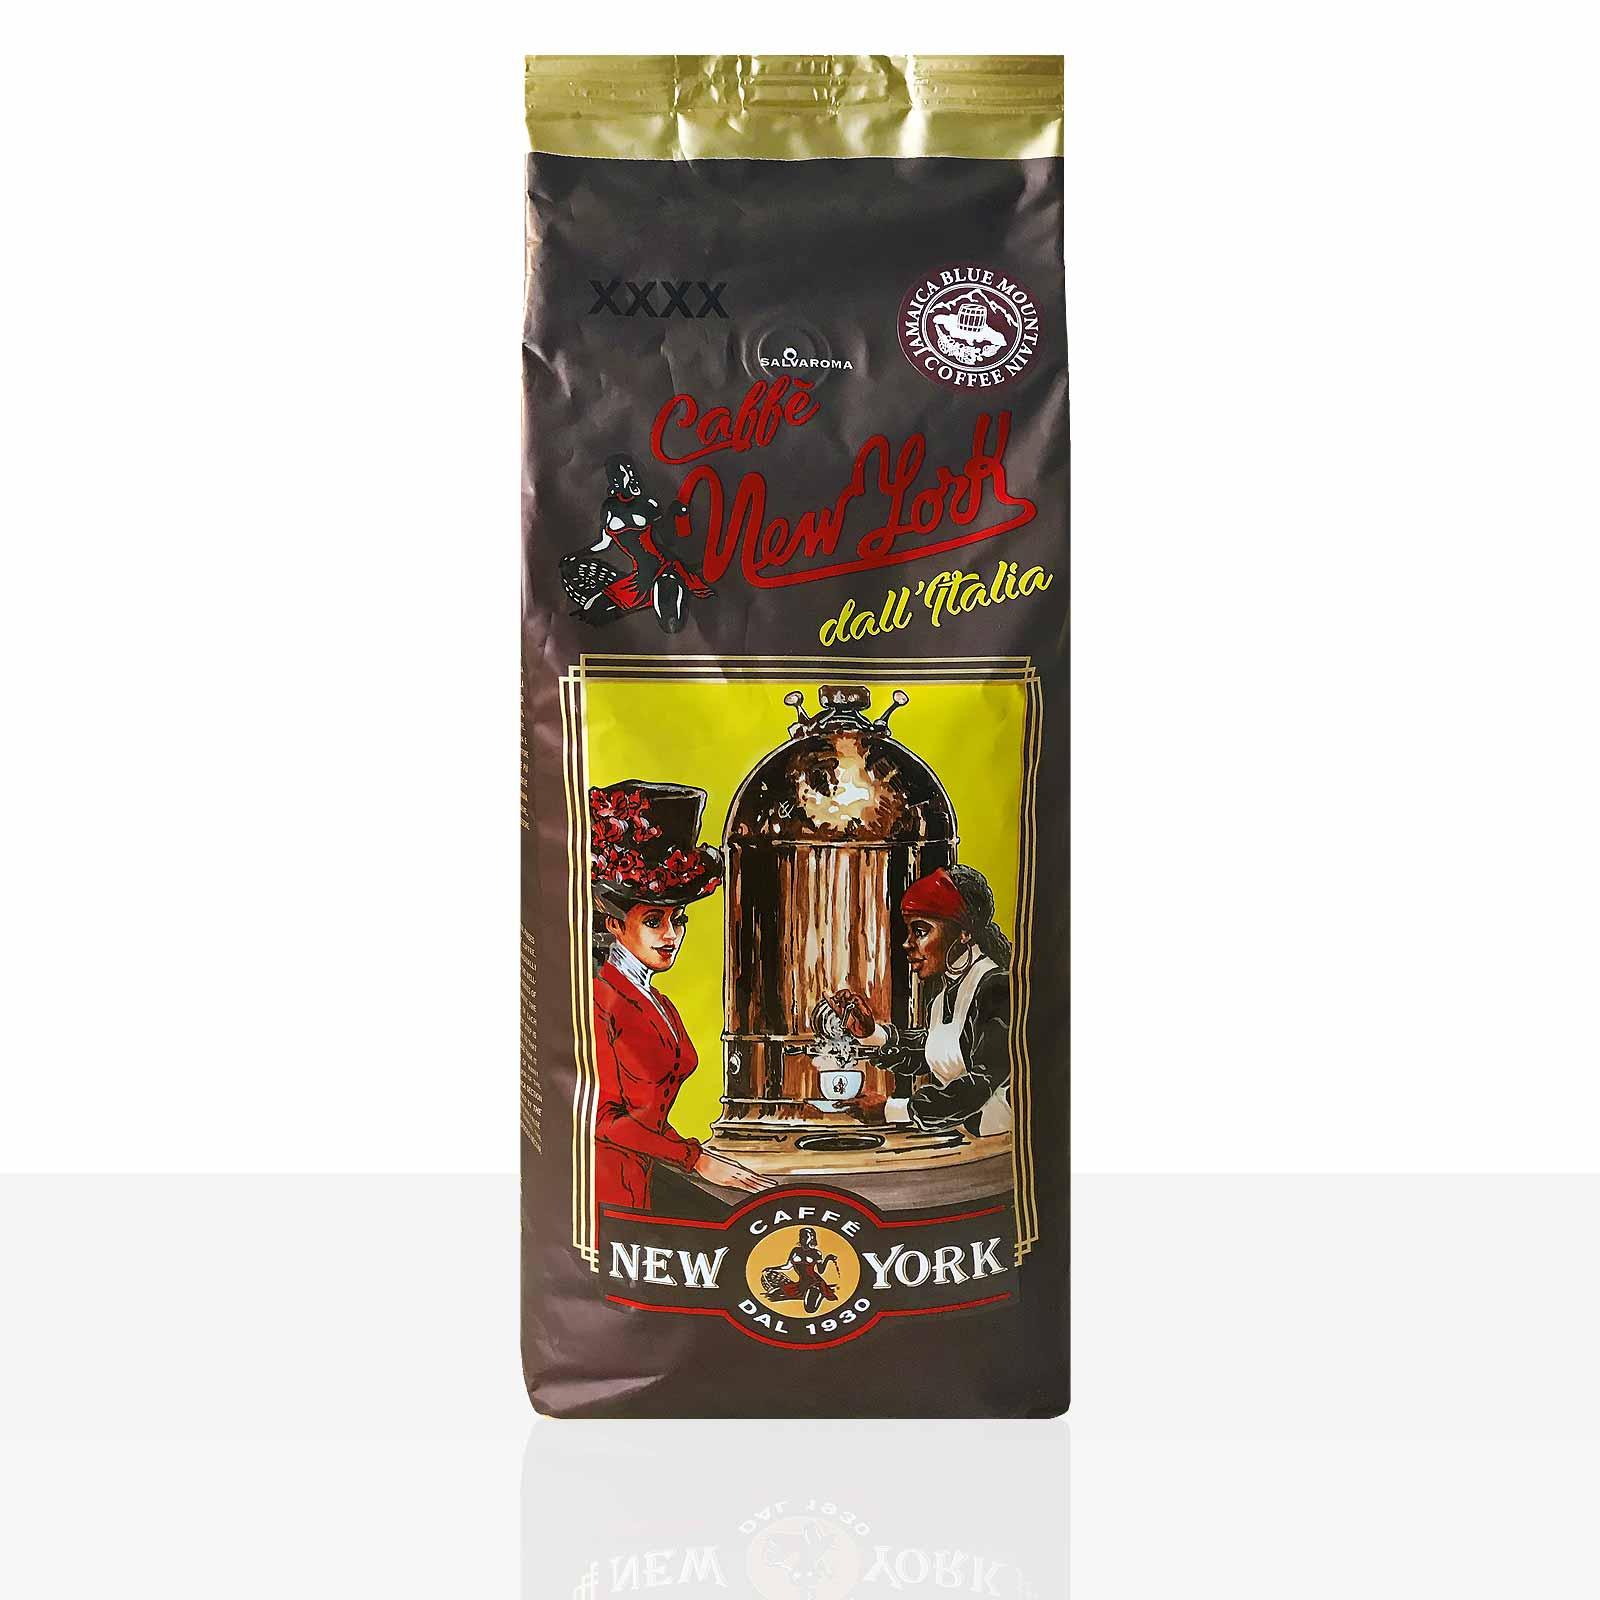 New York Caffe XXXX Espresso 12 x 1kg Kaffee ganze Bohne